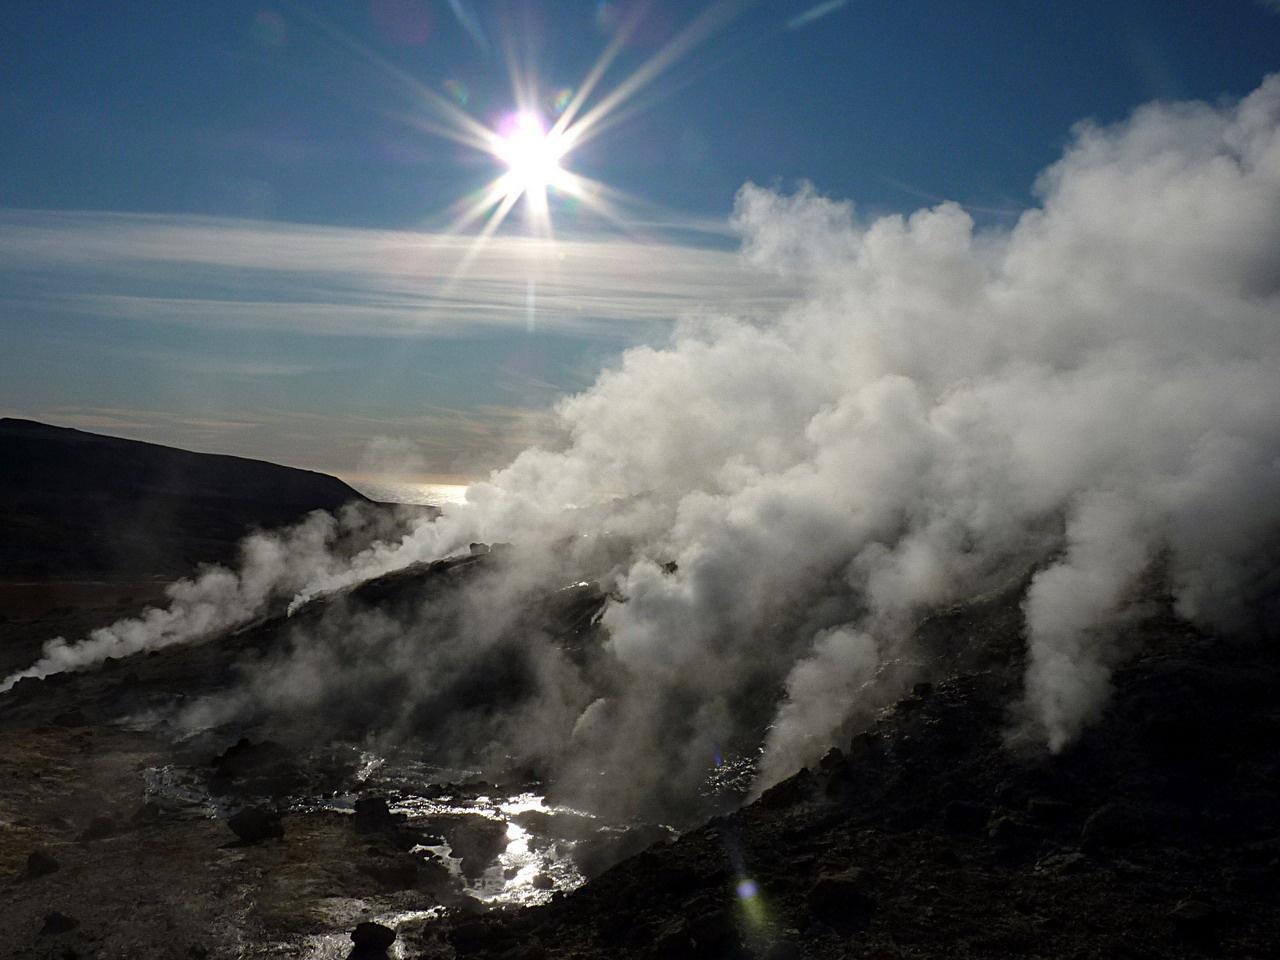 A föld mélyéből feltörő forró gázok és gőzök melegítik a Krysuvík mezőn átfolyó patakot. A háttérben megcsillan az Atlanti-óceán víztükre